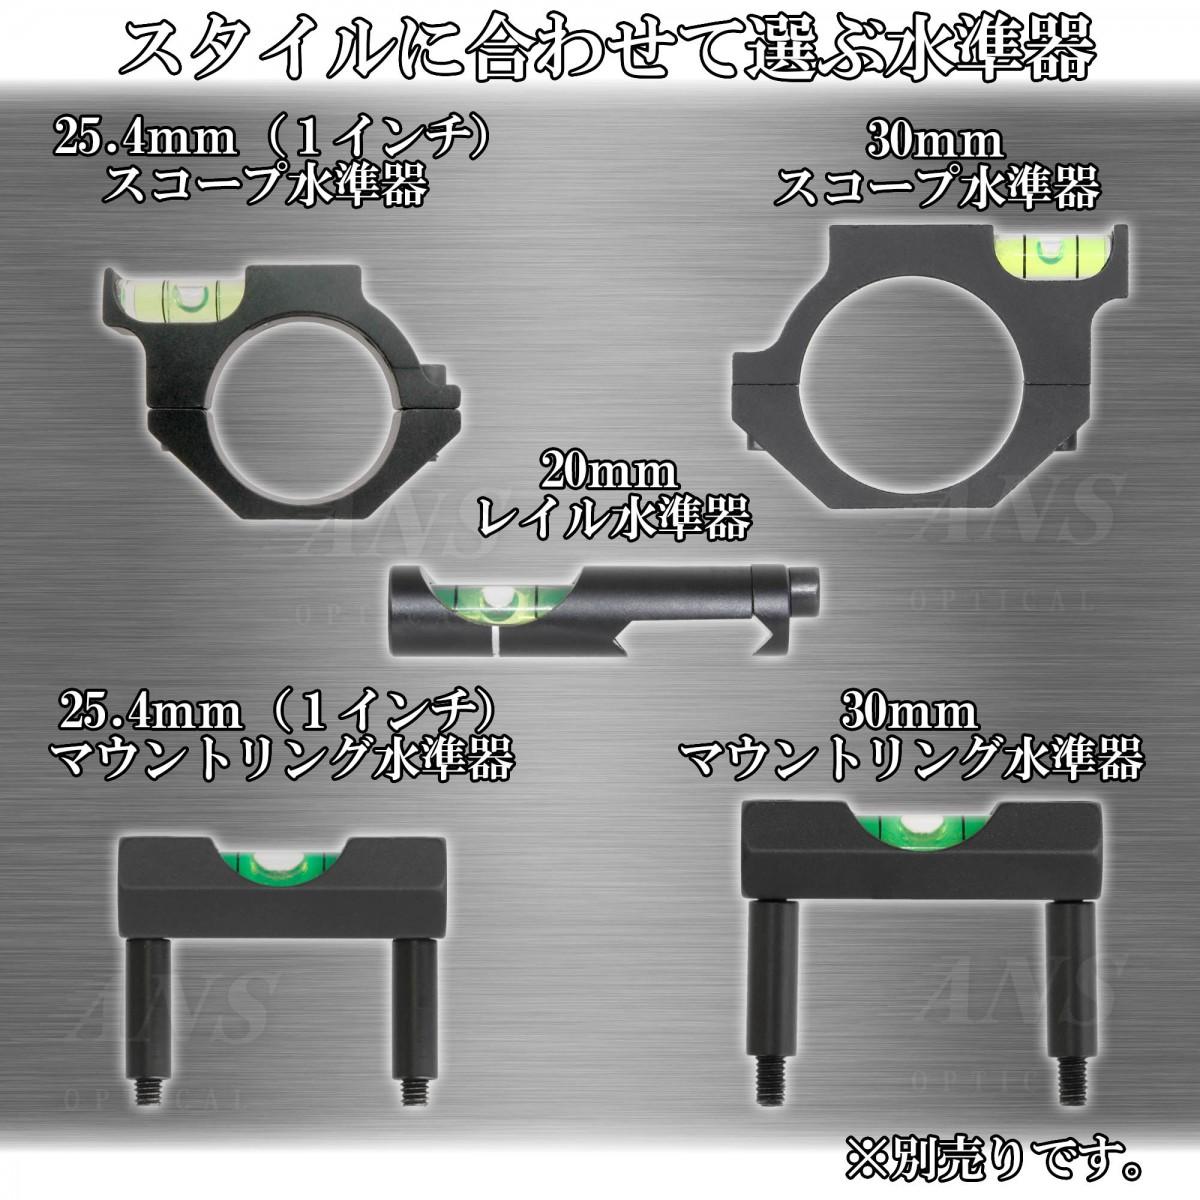 マウント型水平器  水準器 リング型 30mmチューブ対応 スコープ レベルインジケーター